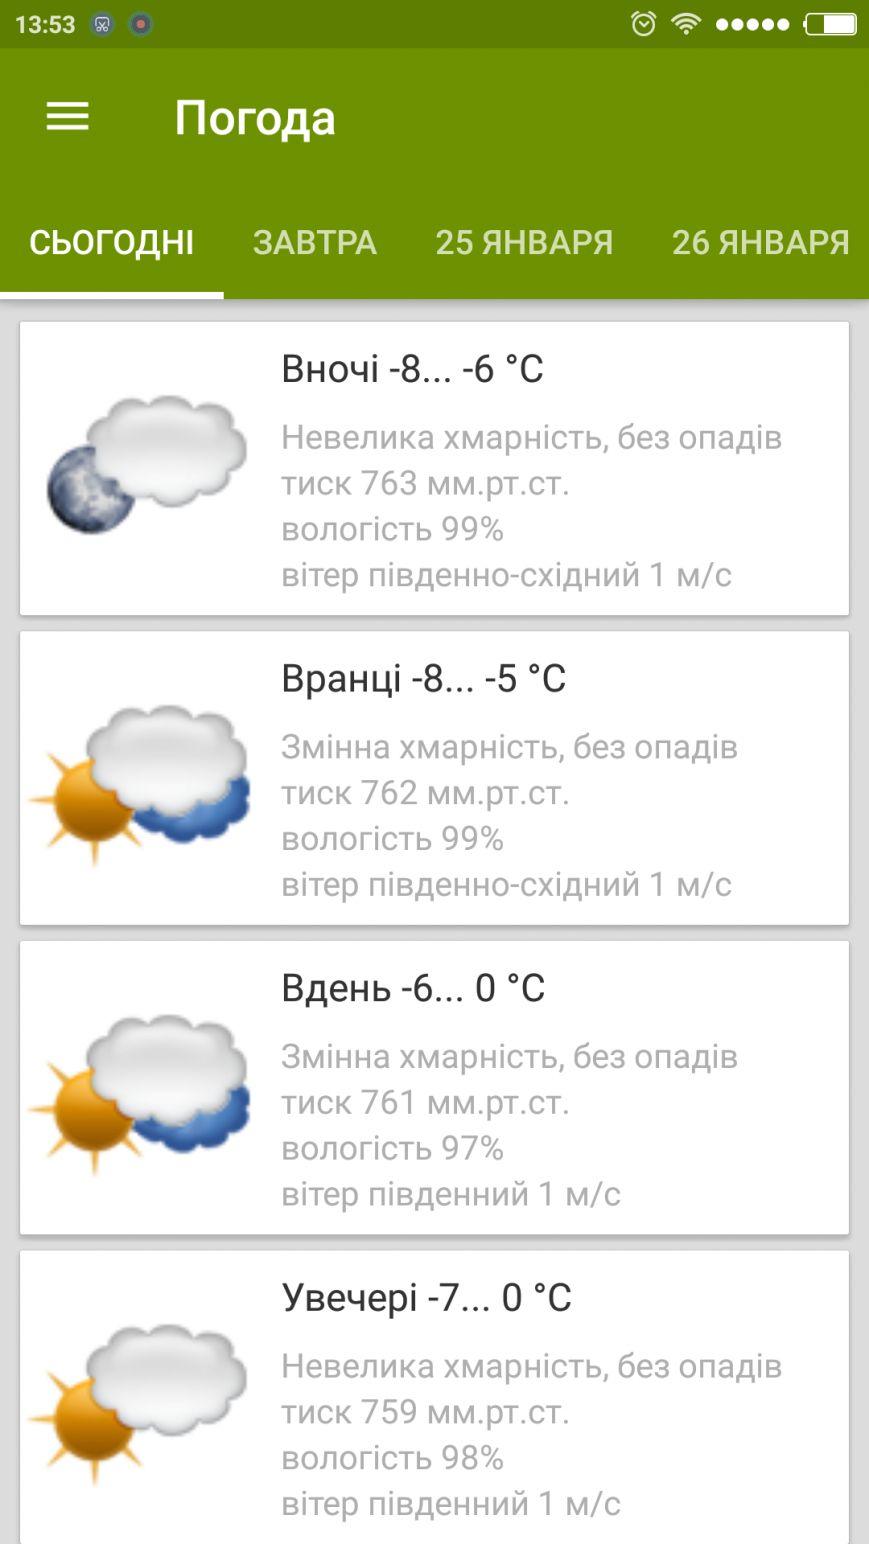 Screenshot_2017-01-23-13-53-40_ua.com.citysites.uzhgorod